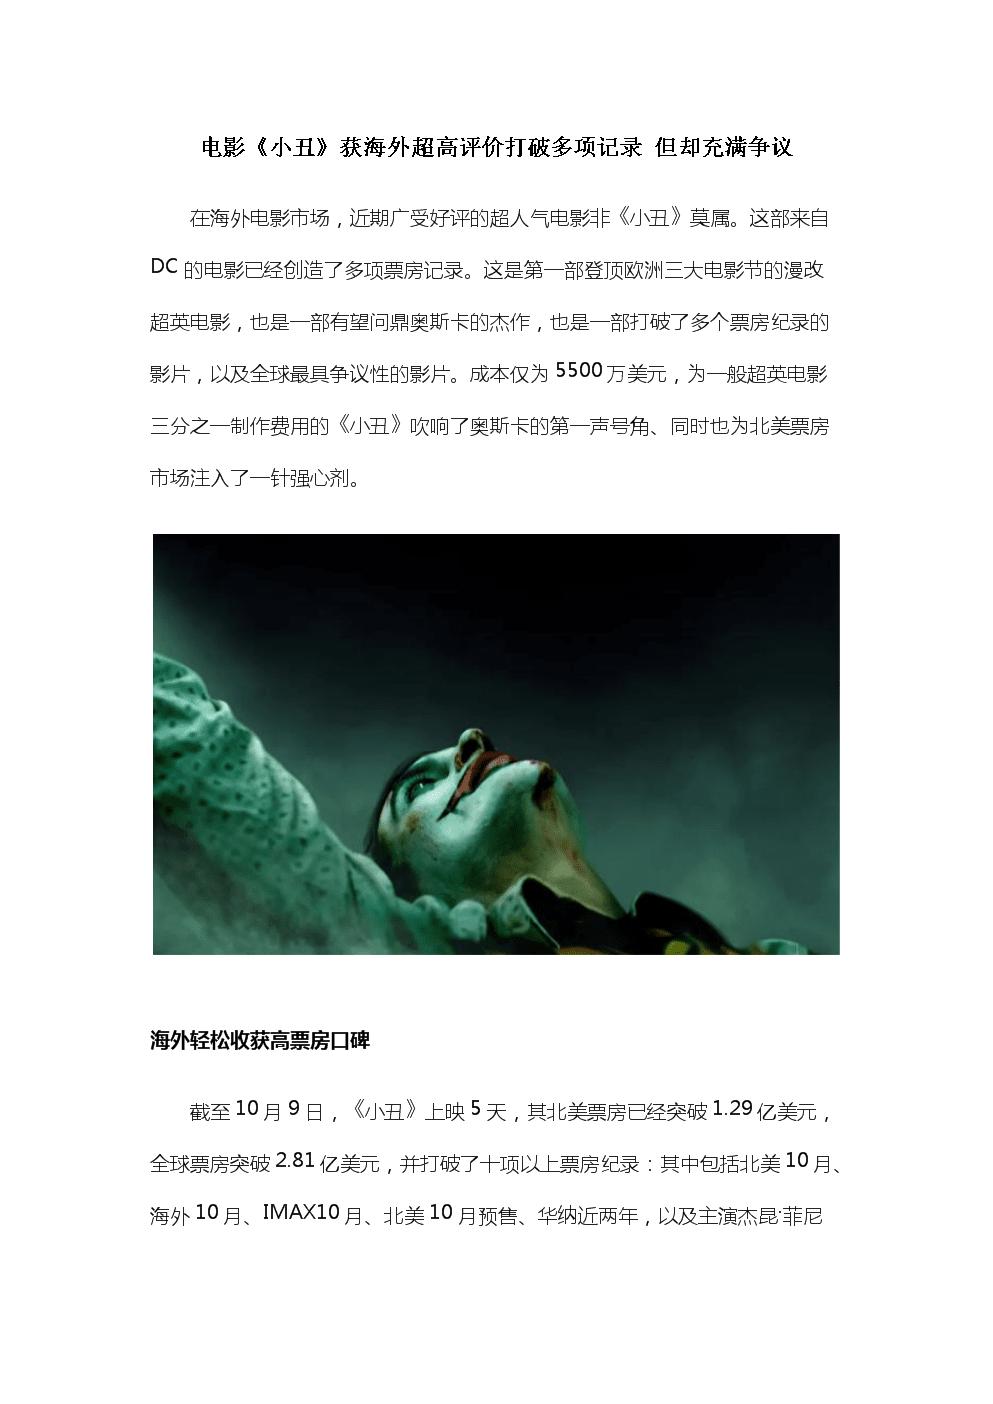 电影《小丑》获海外超高评价打破多项记录 但却充满争议.docx